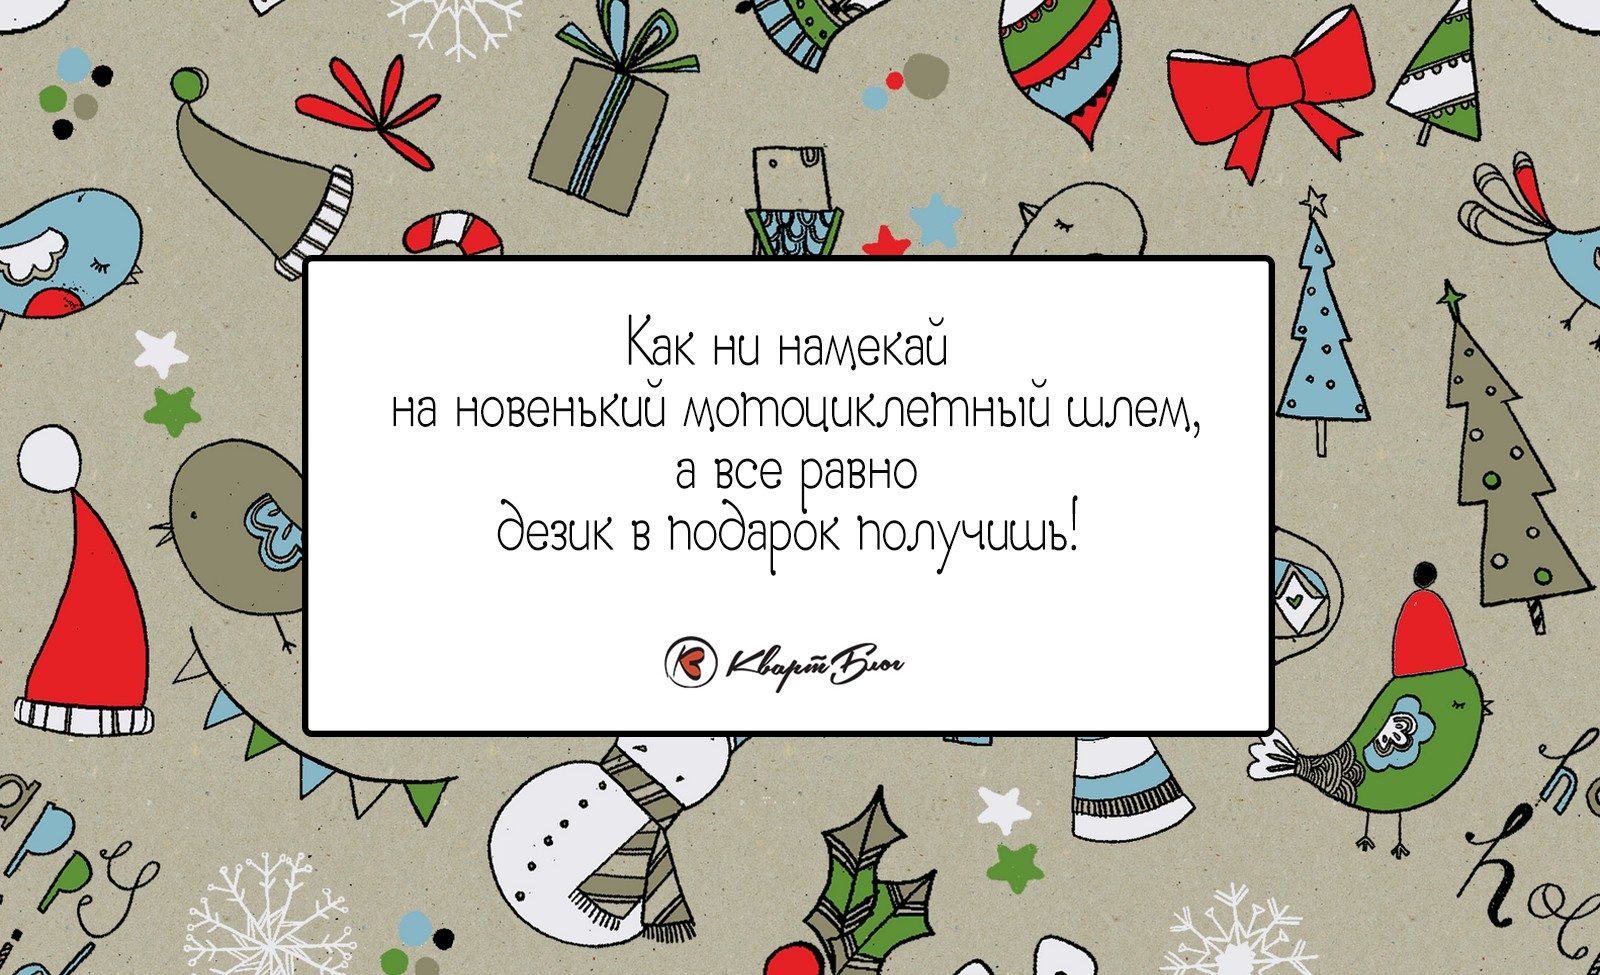 Как намекнуть на подарок